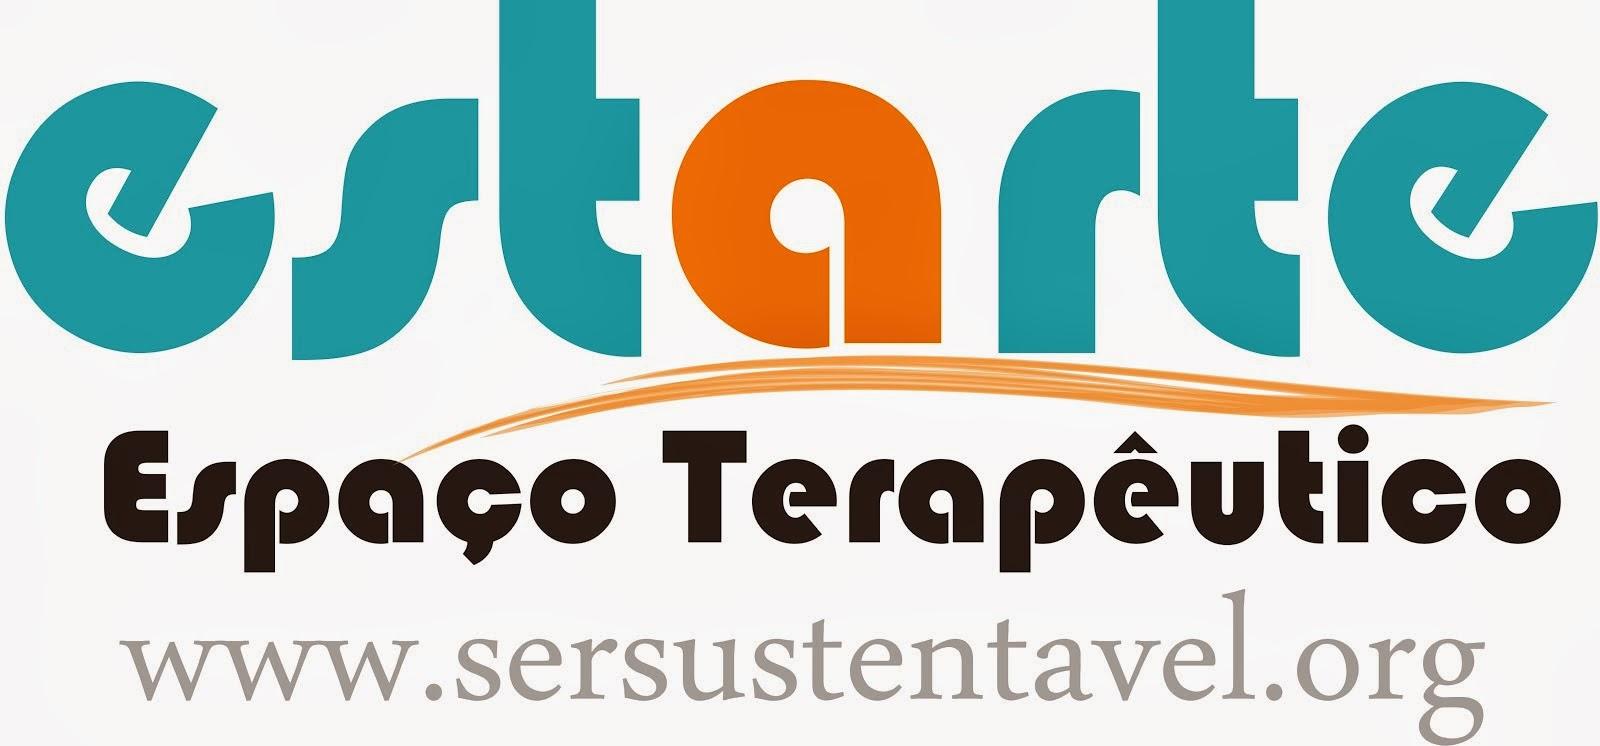 ESTARTE/ ESPAÇO TERAPÊUTICO